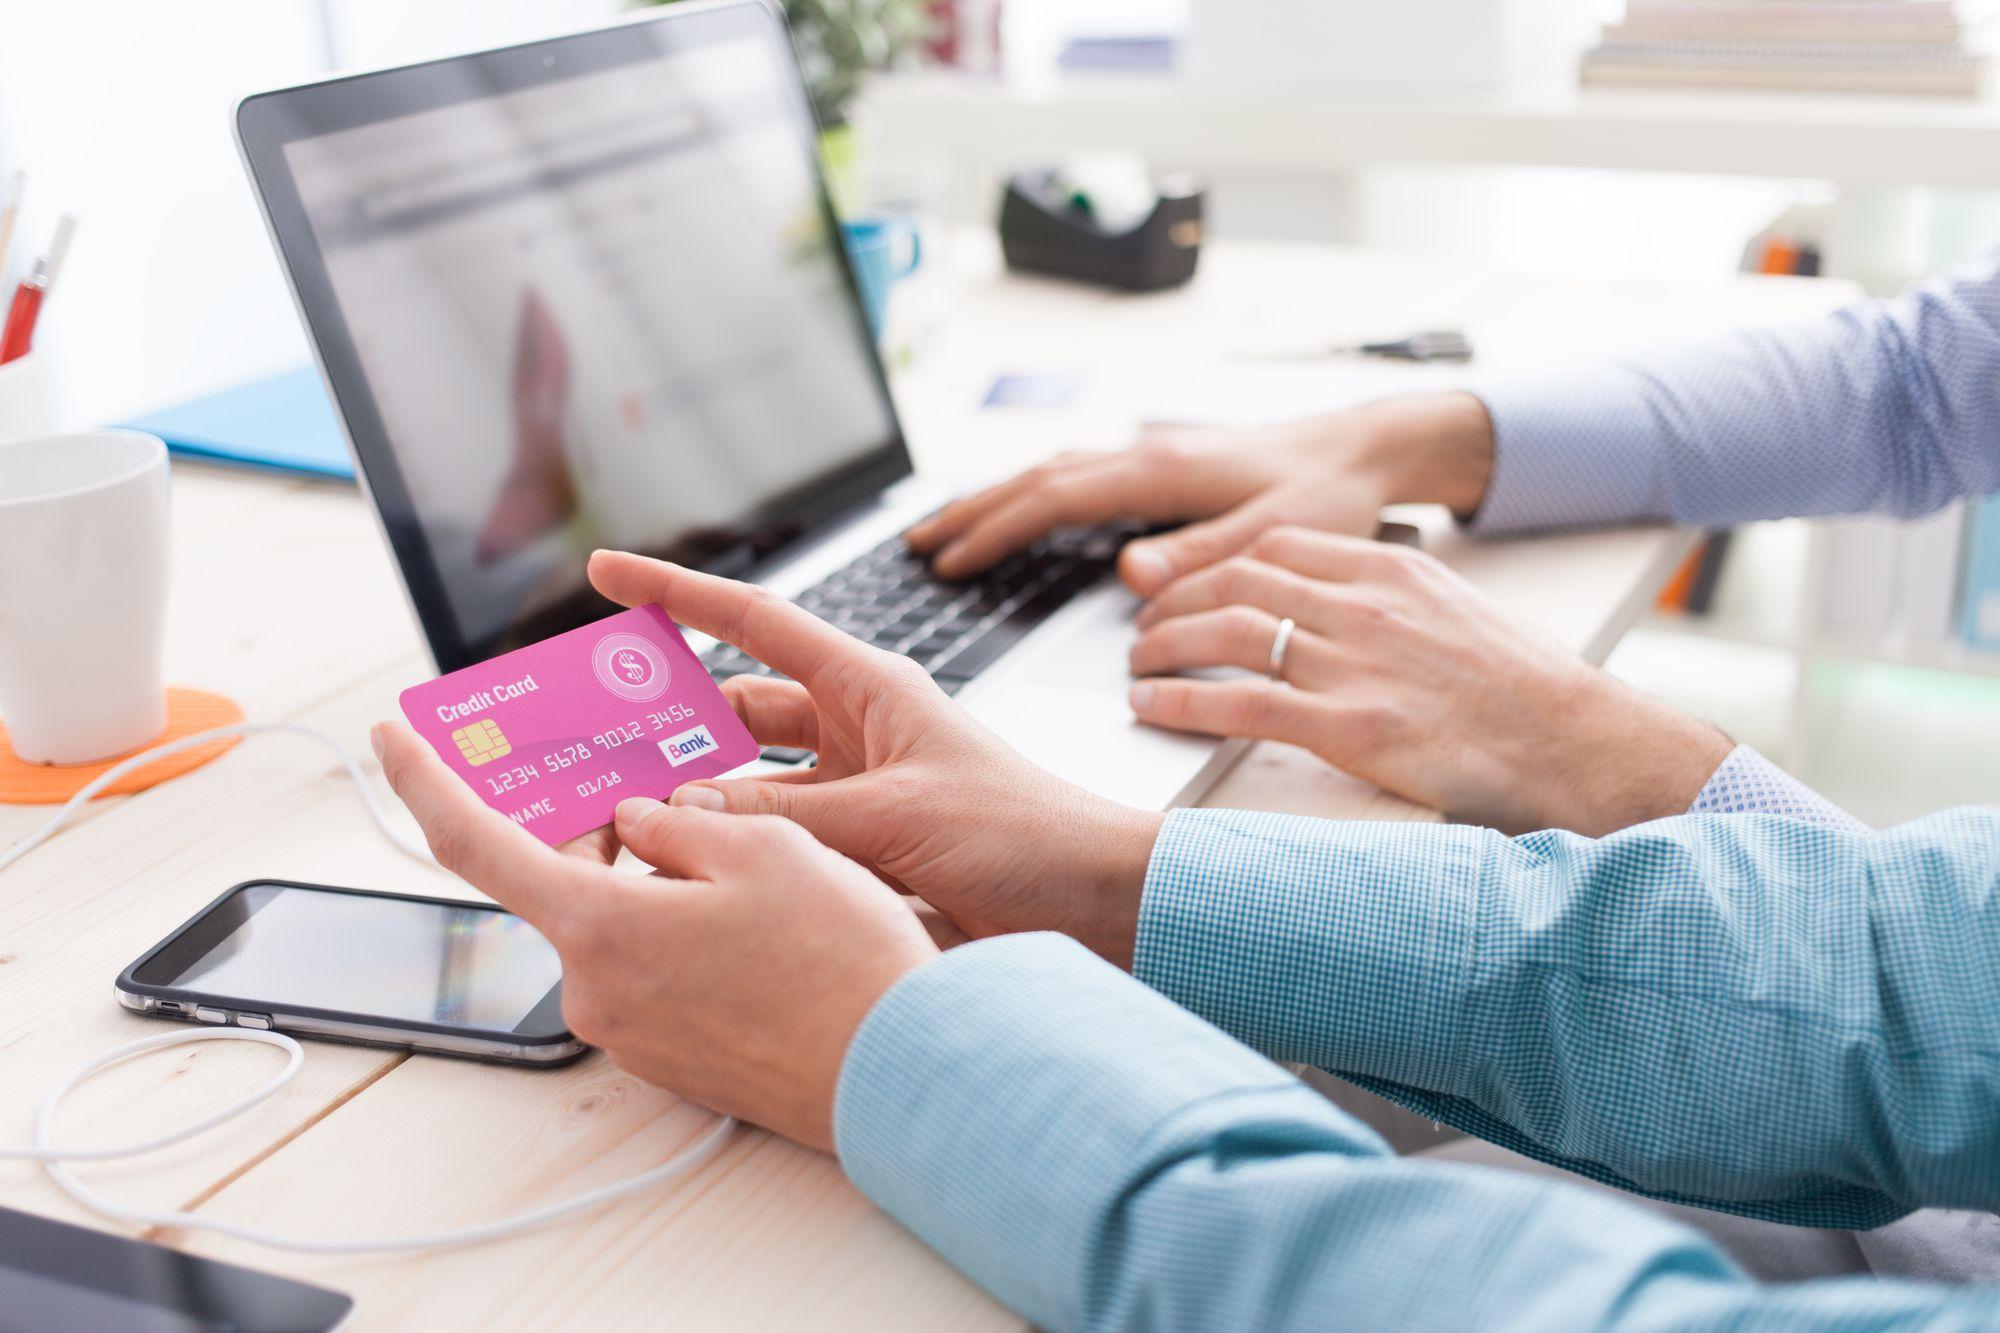 Afinal, quais os principais recursos de uma plataforma de e-commerce?